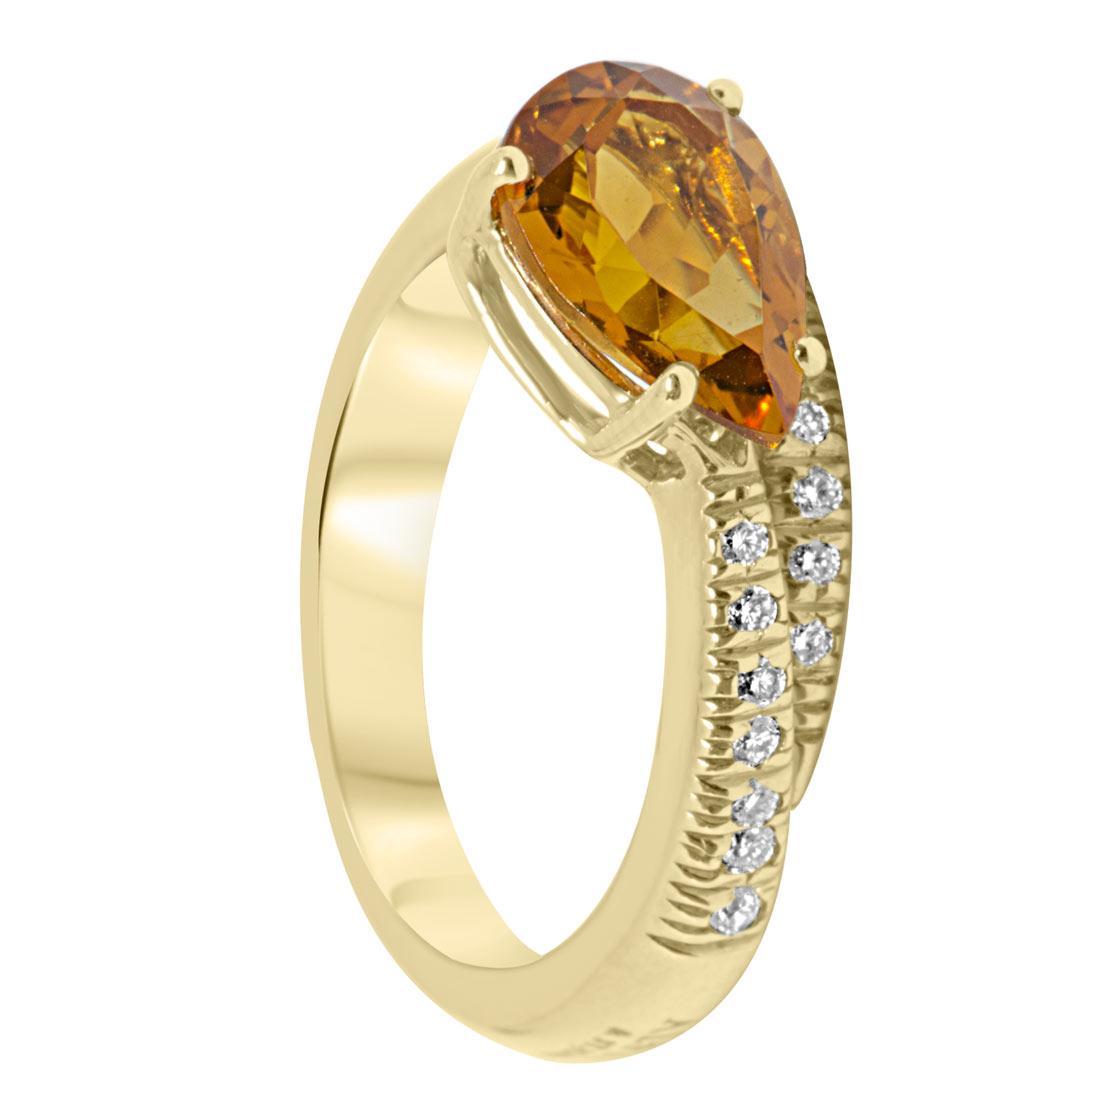 Anello in oro giallo con diamanti e pietra semipreziosa mis 13 - ALFIERI ST JOHN